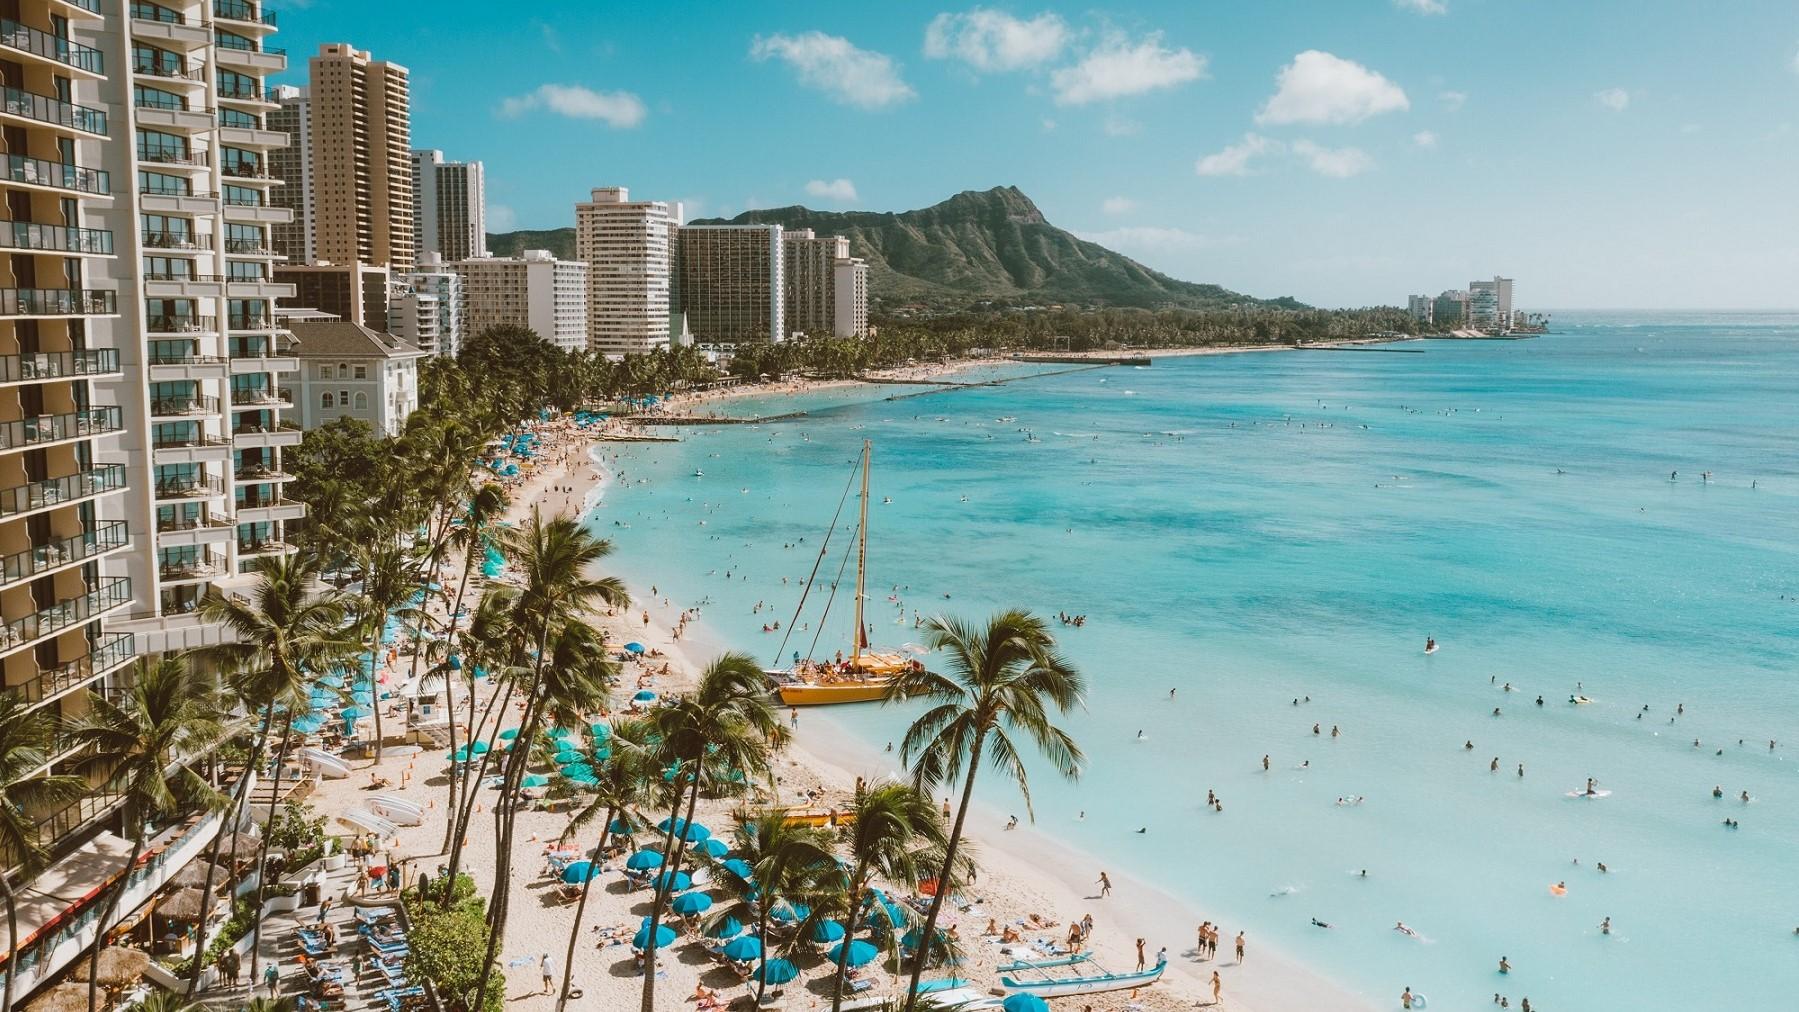 ハワイ_初めての海外旅行におすすめの国